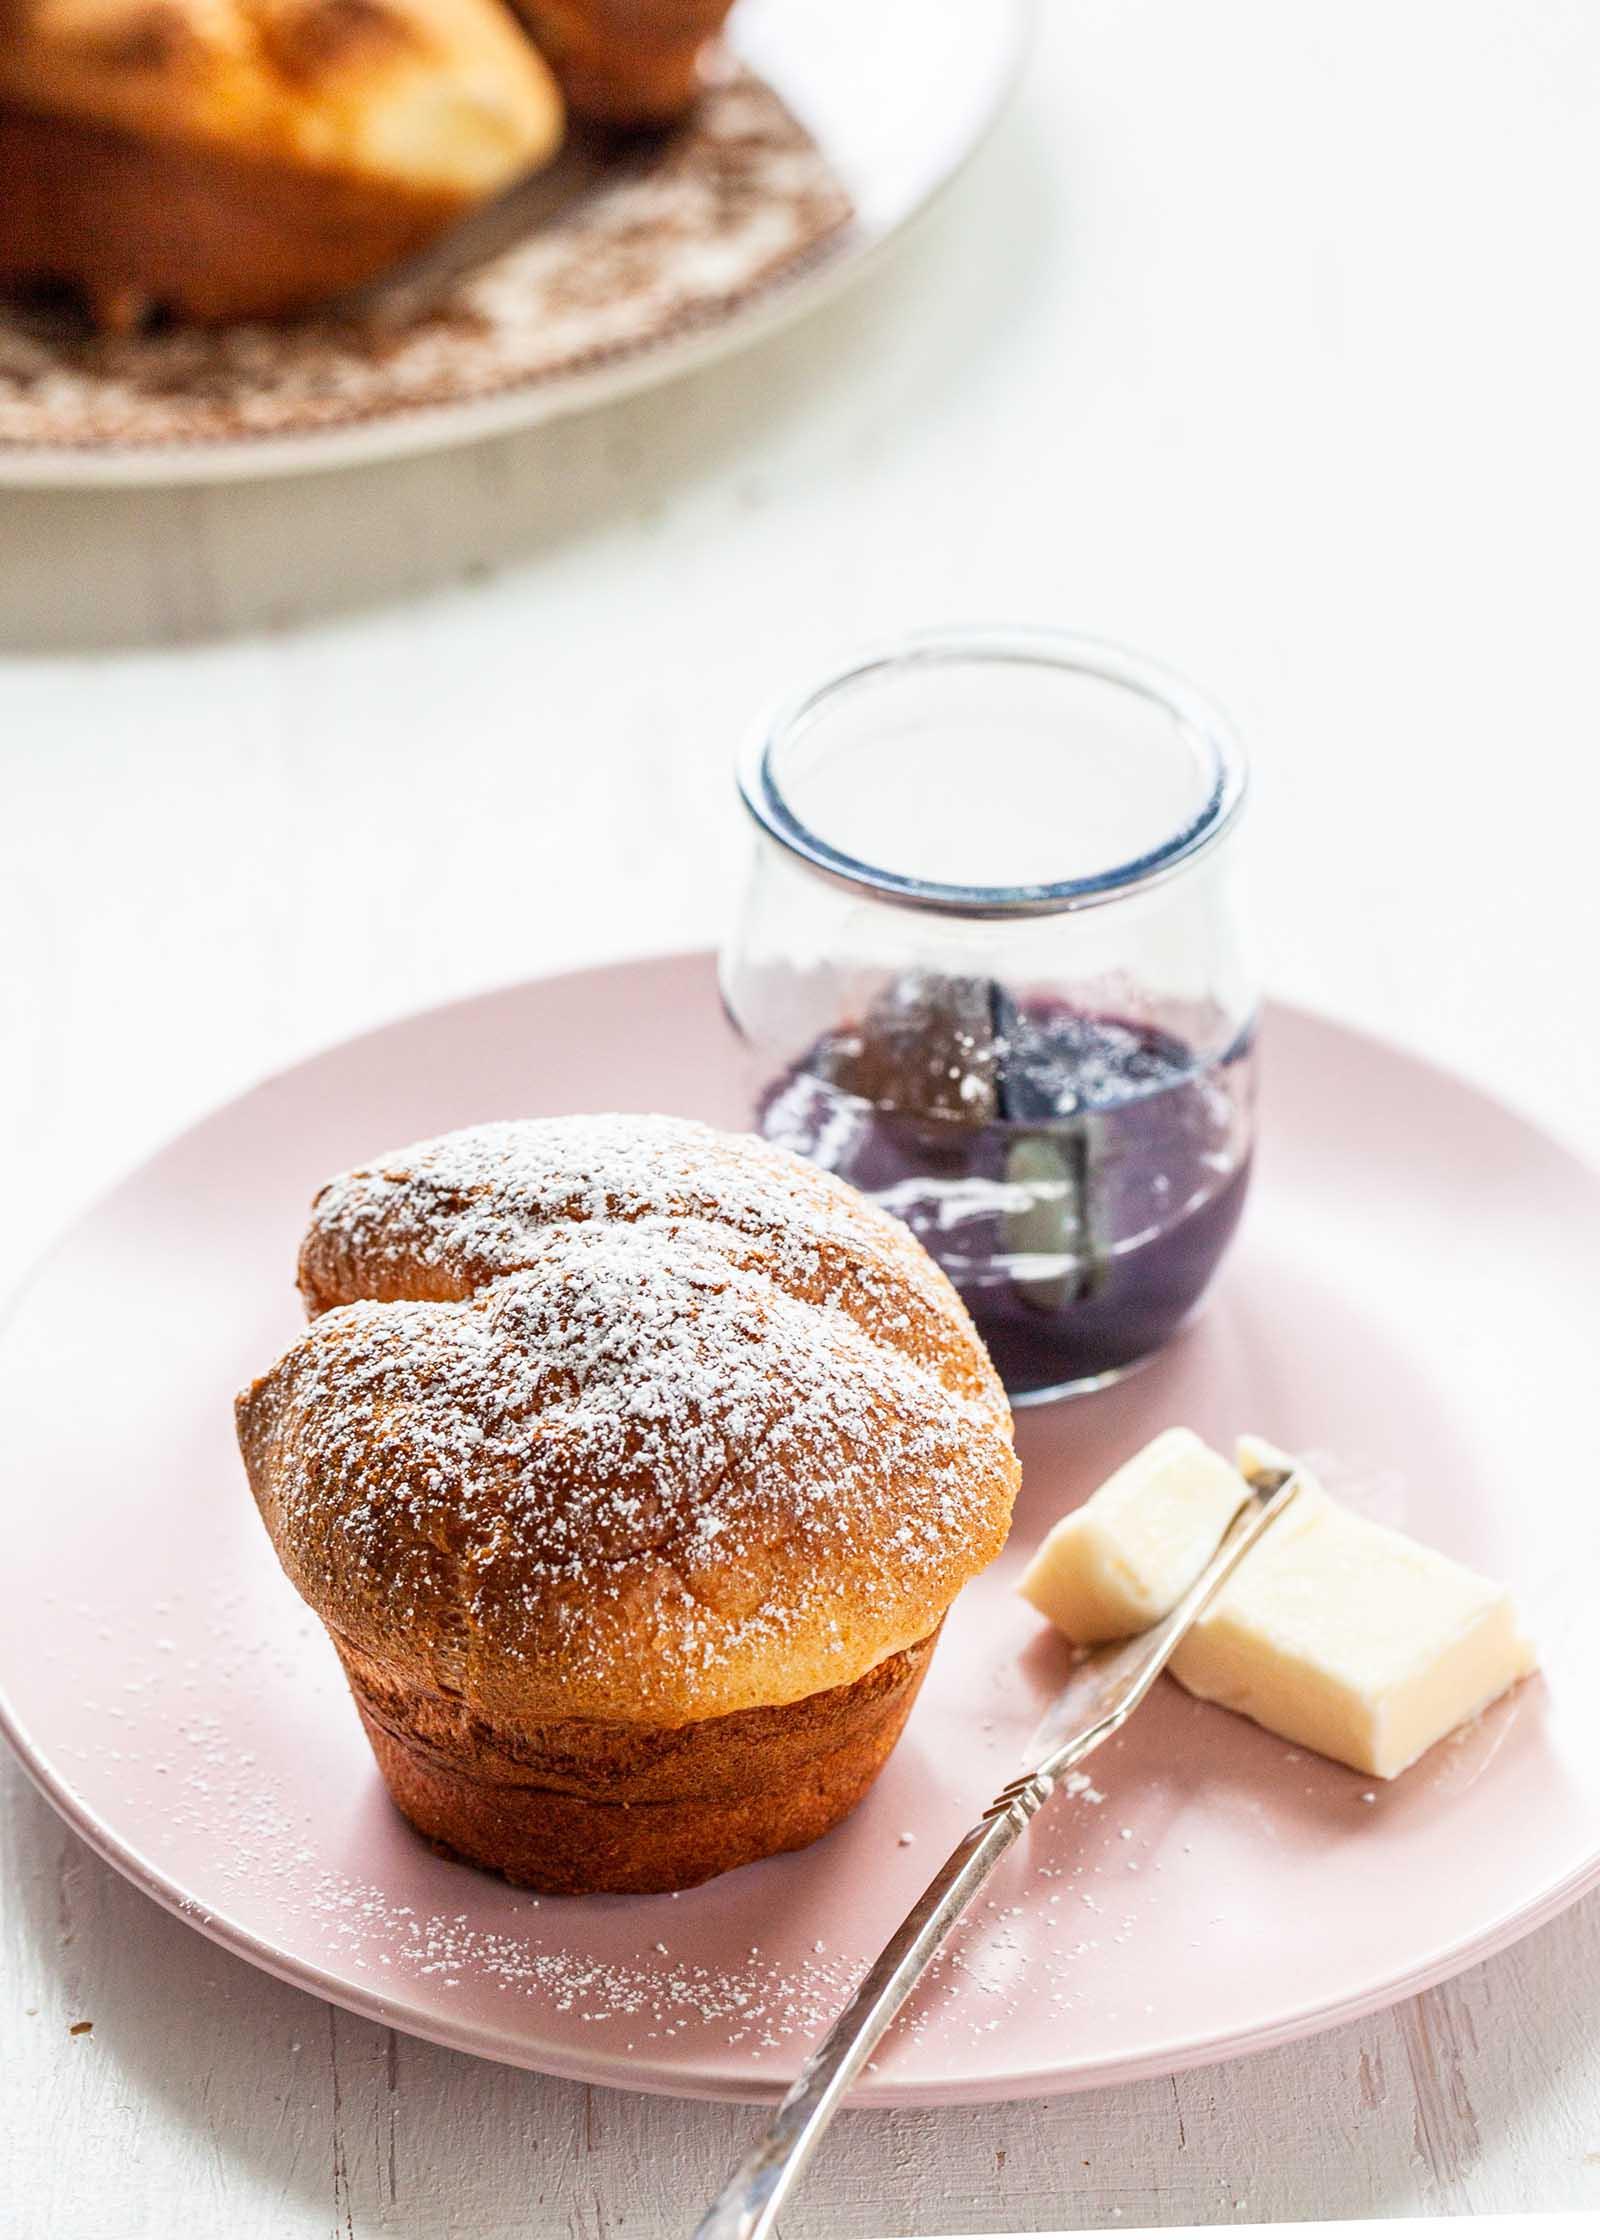 Всплывающее окно на тарелке с кусочком баночки с маслом и желе.